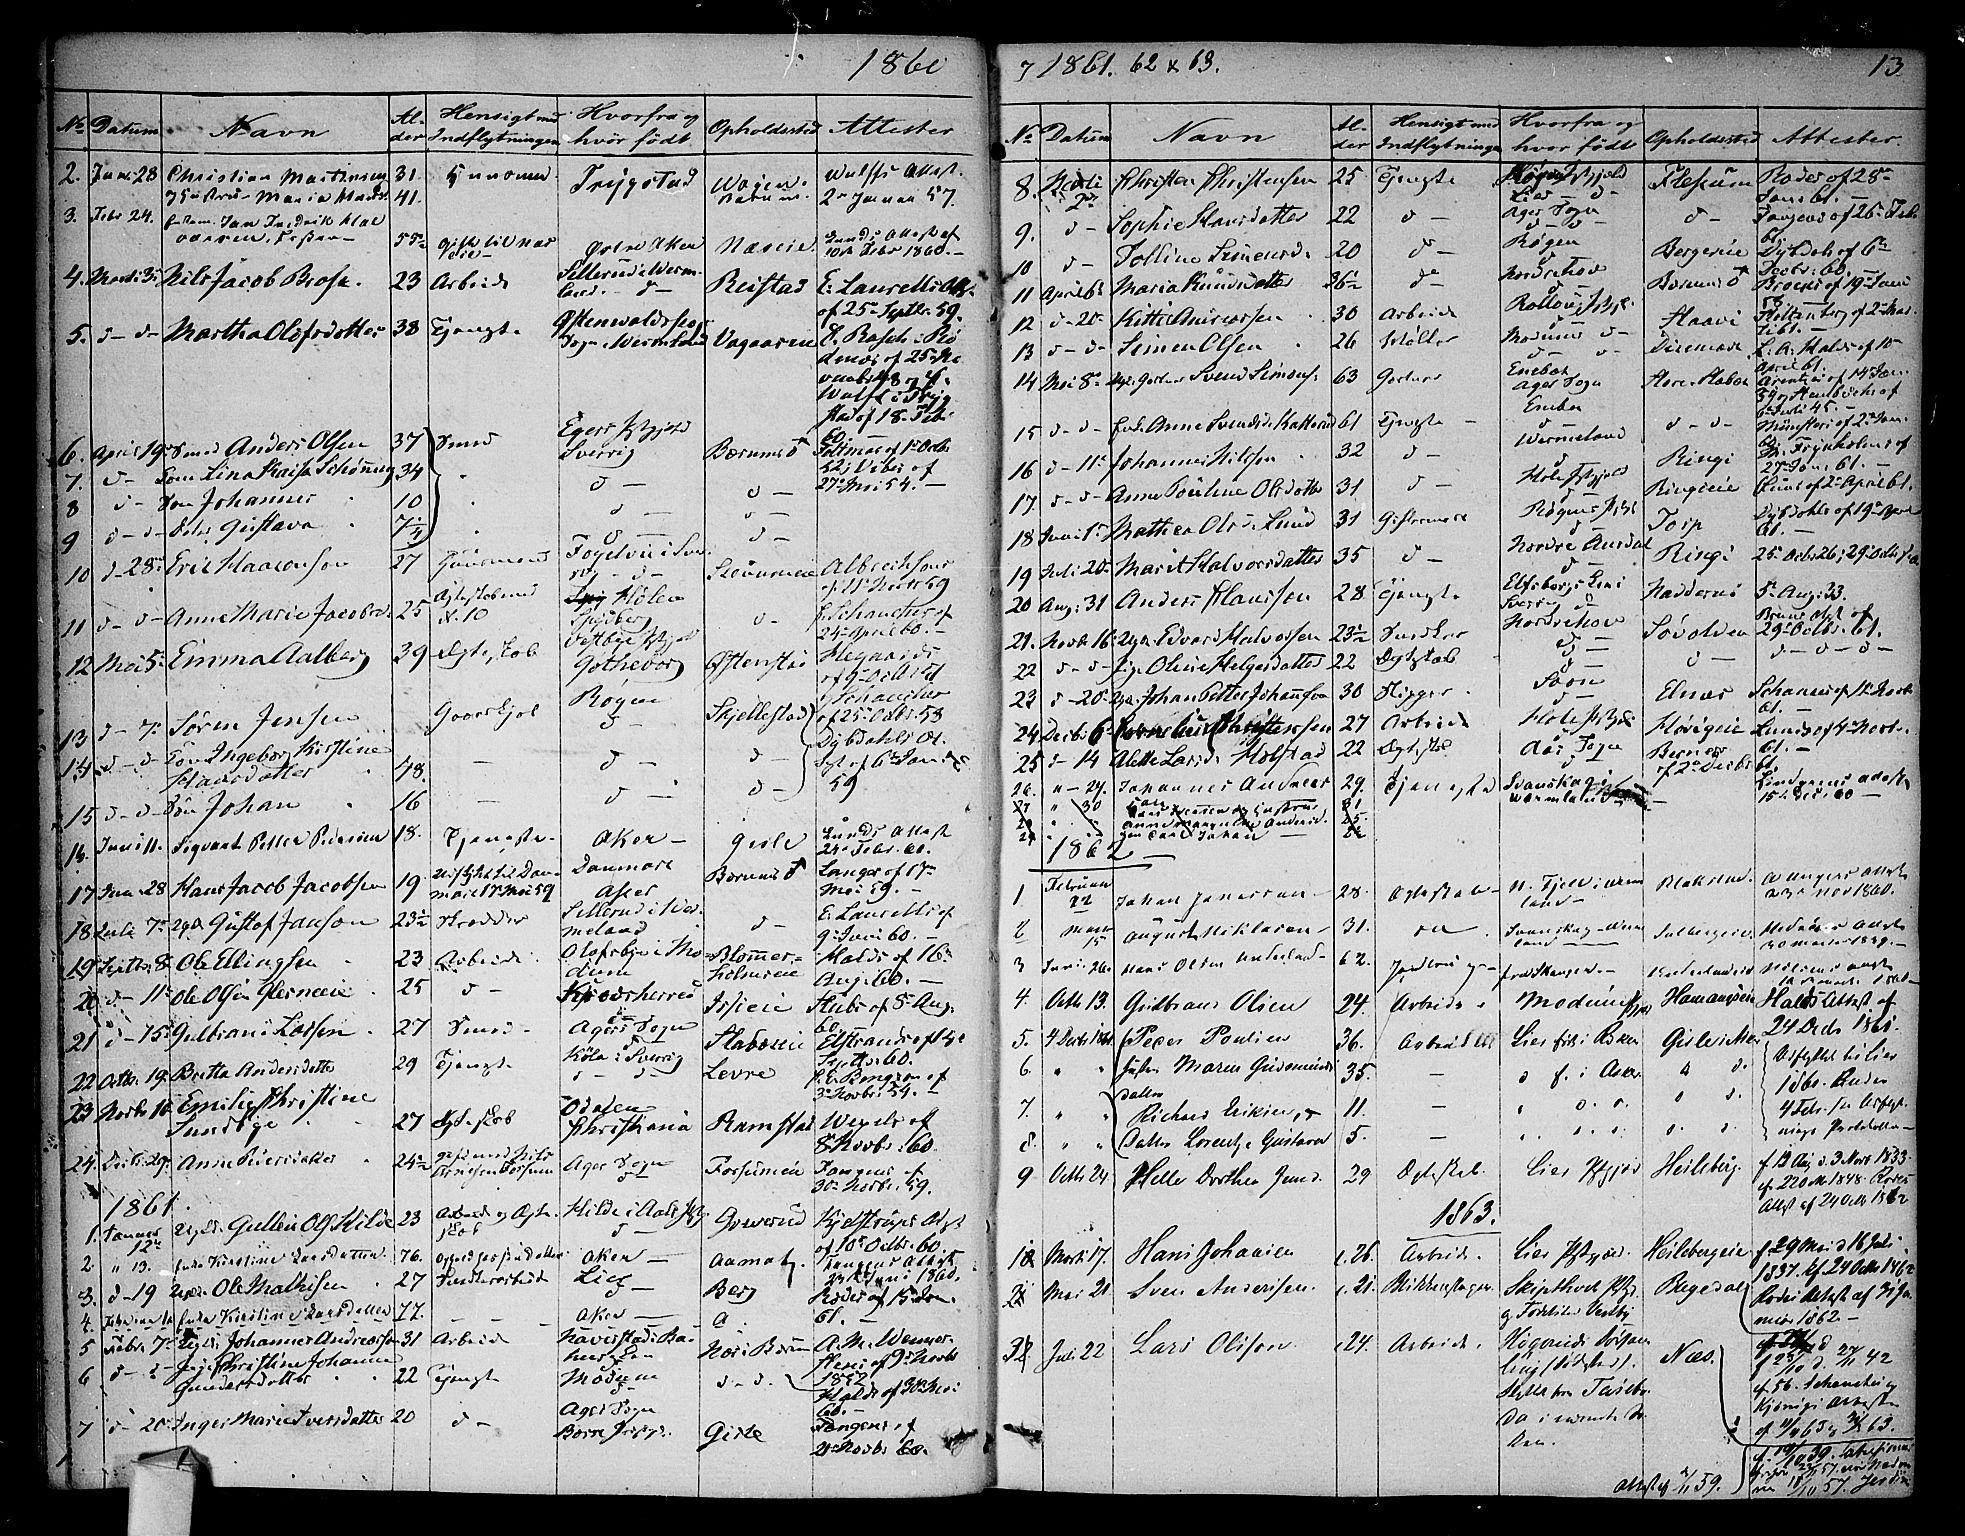 SAO, Asker prestekontor Kirkebøker, F/Fa/L0012: Ministerialbok nr. I 12, 1825-1878, s. 13